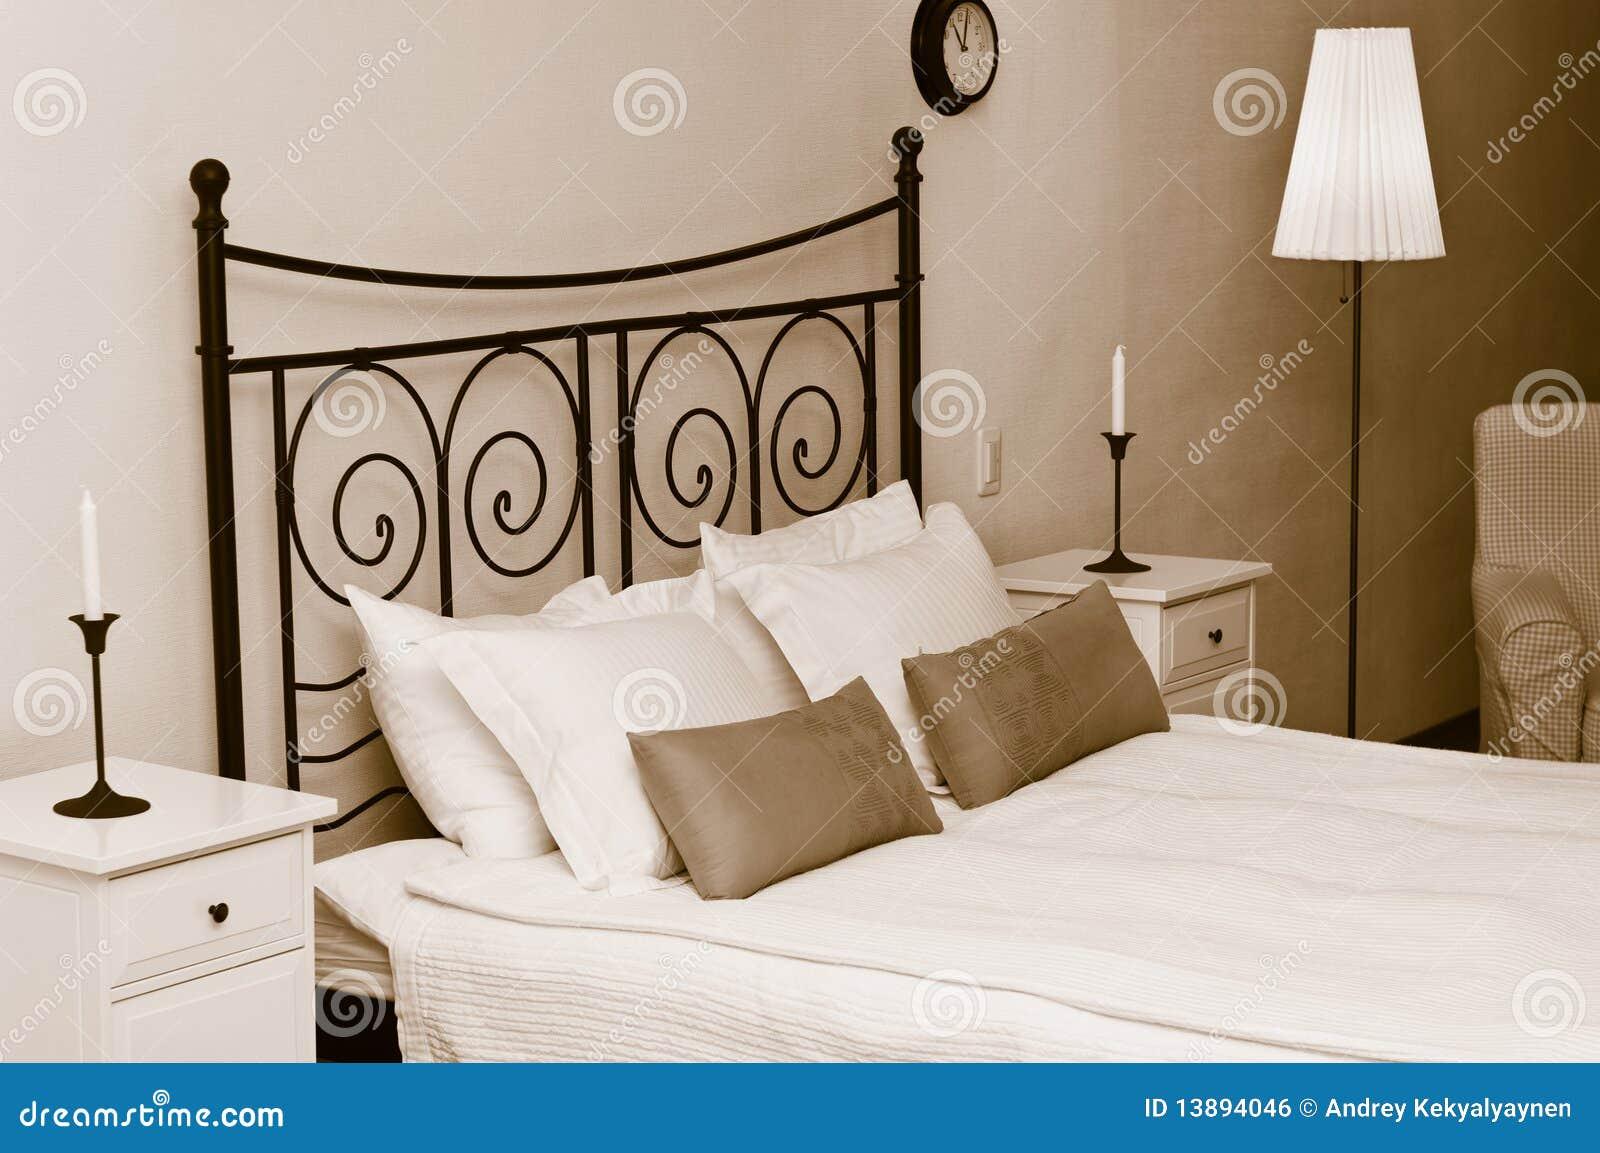 Romantische woonkamer inspiratie voor een shabby chic interieur woontrendz - Romantische slaapkamer ...